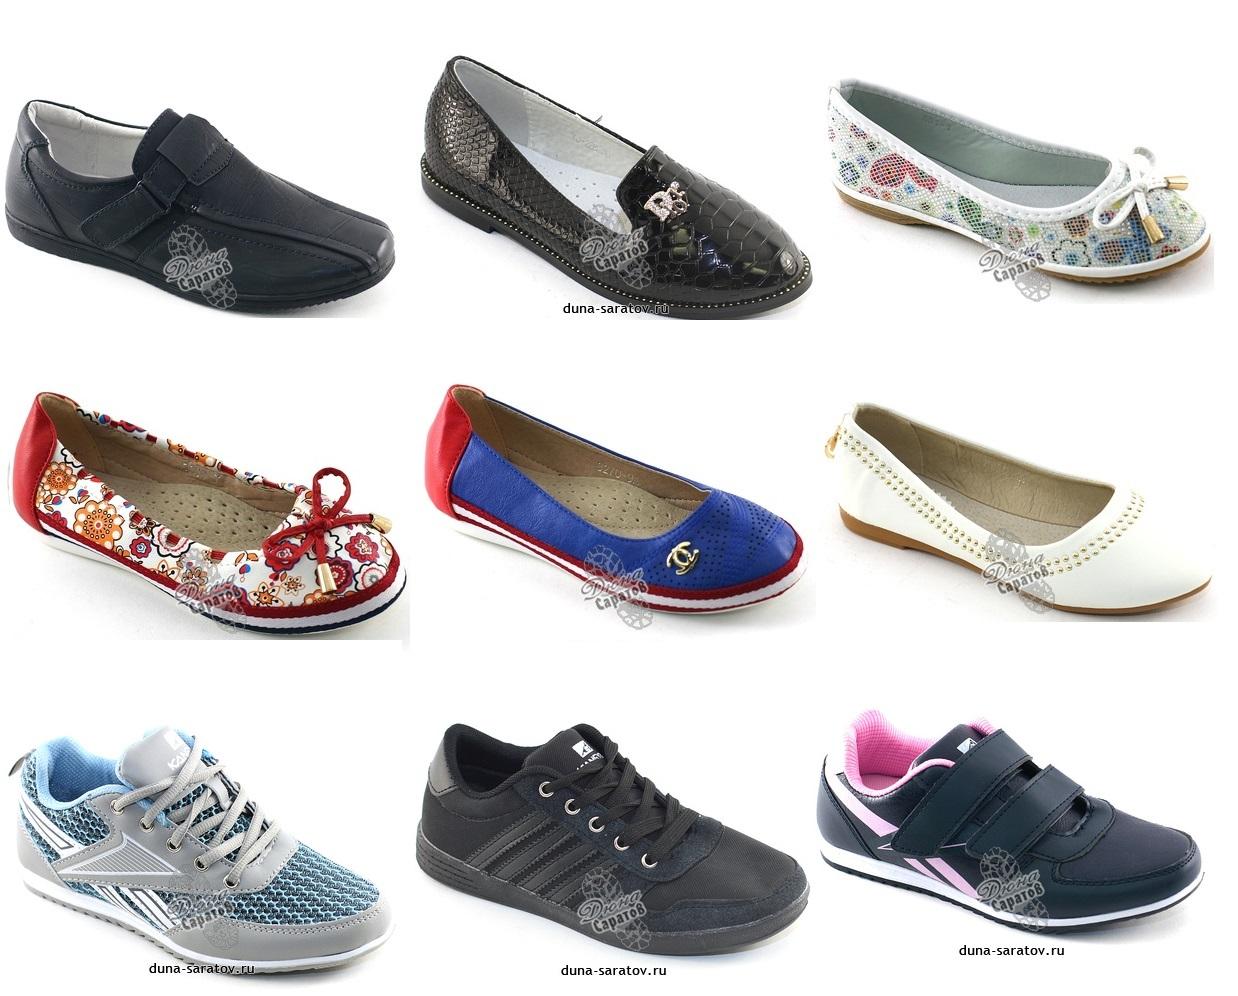 Добавила галерею с балетками, школьными туфлями и кроссовками...